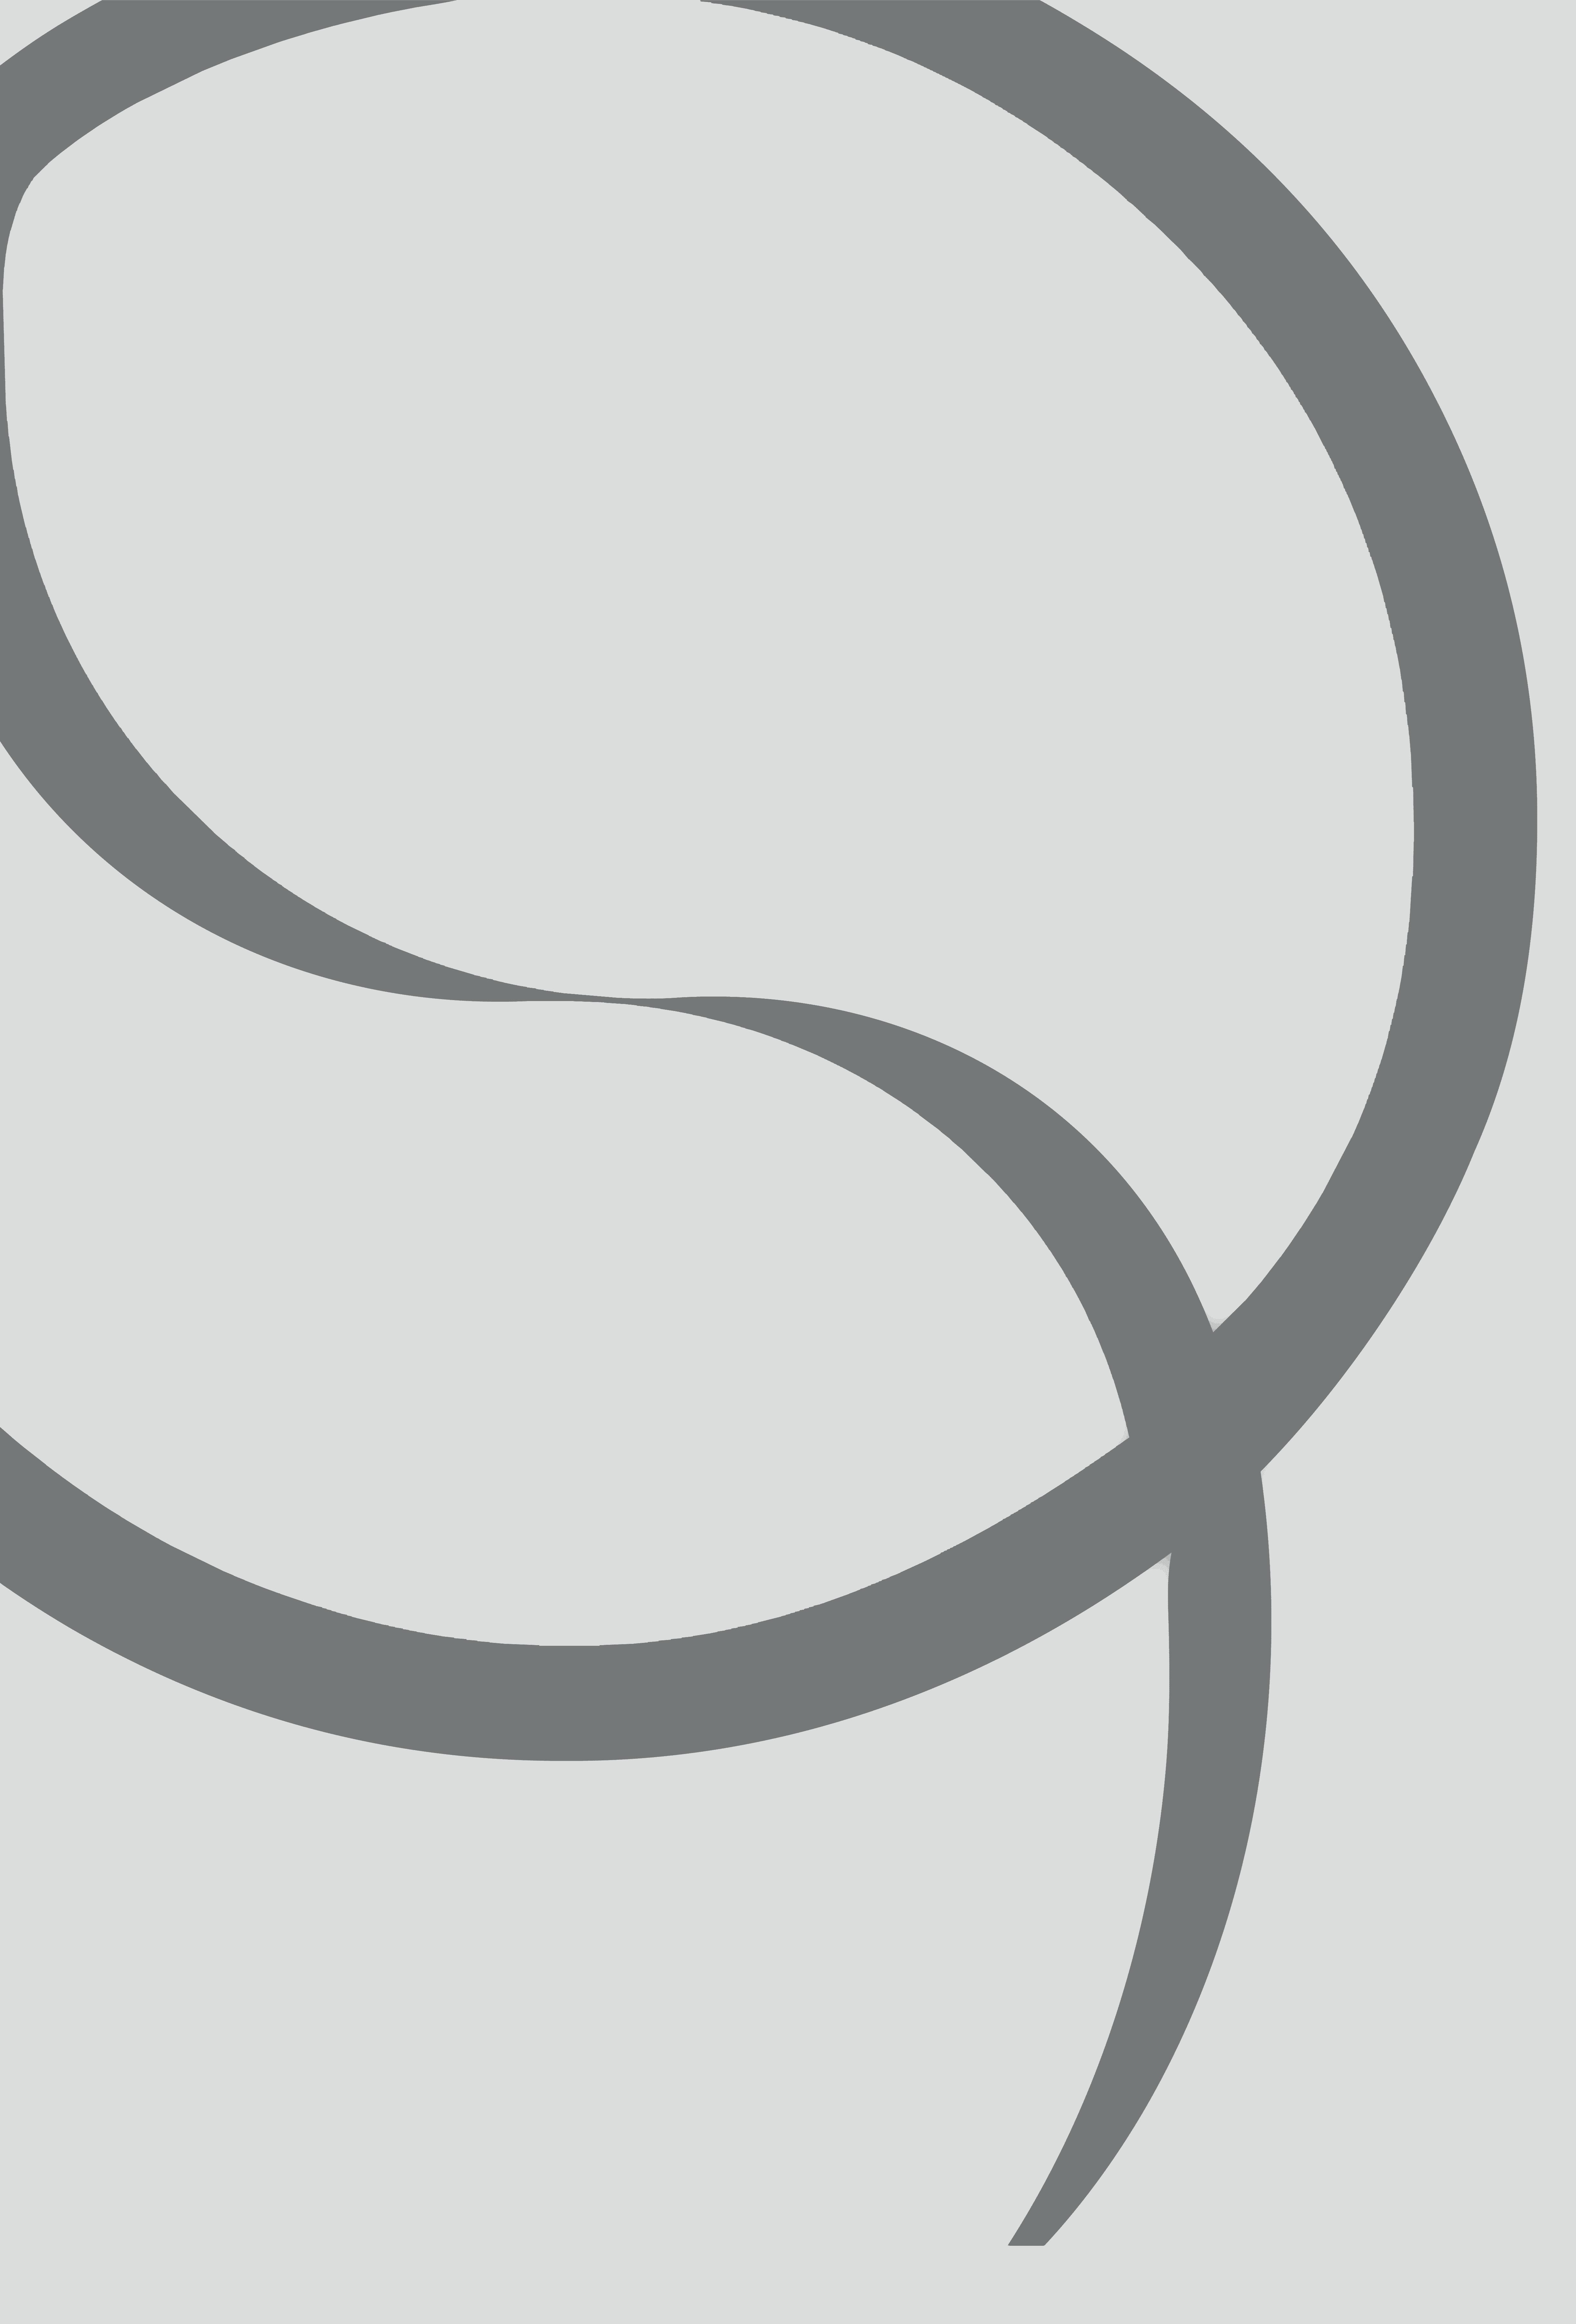 logo-quality-transparencia